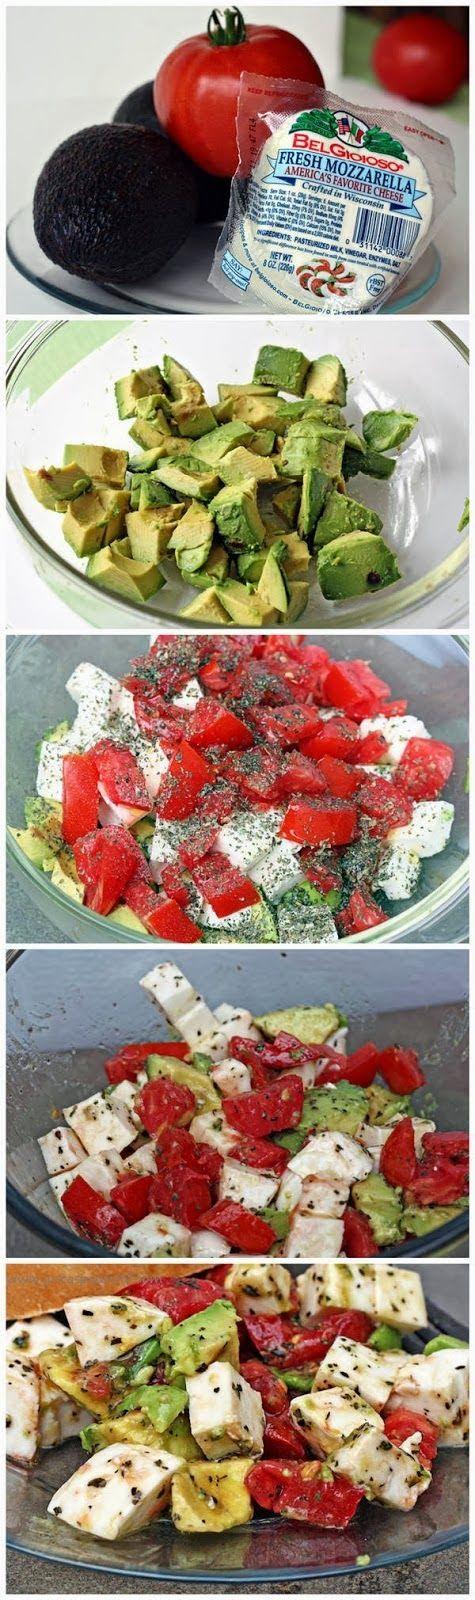 How To Mozzarella Salad Avocado / Tomato/